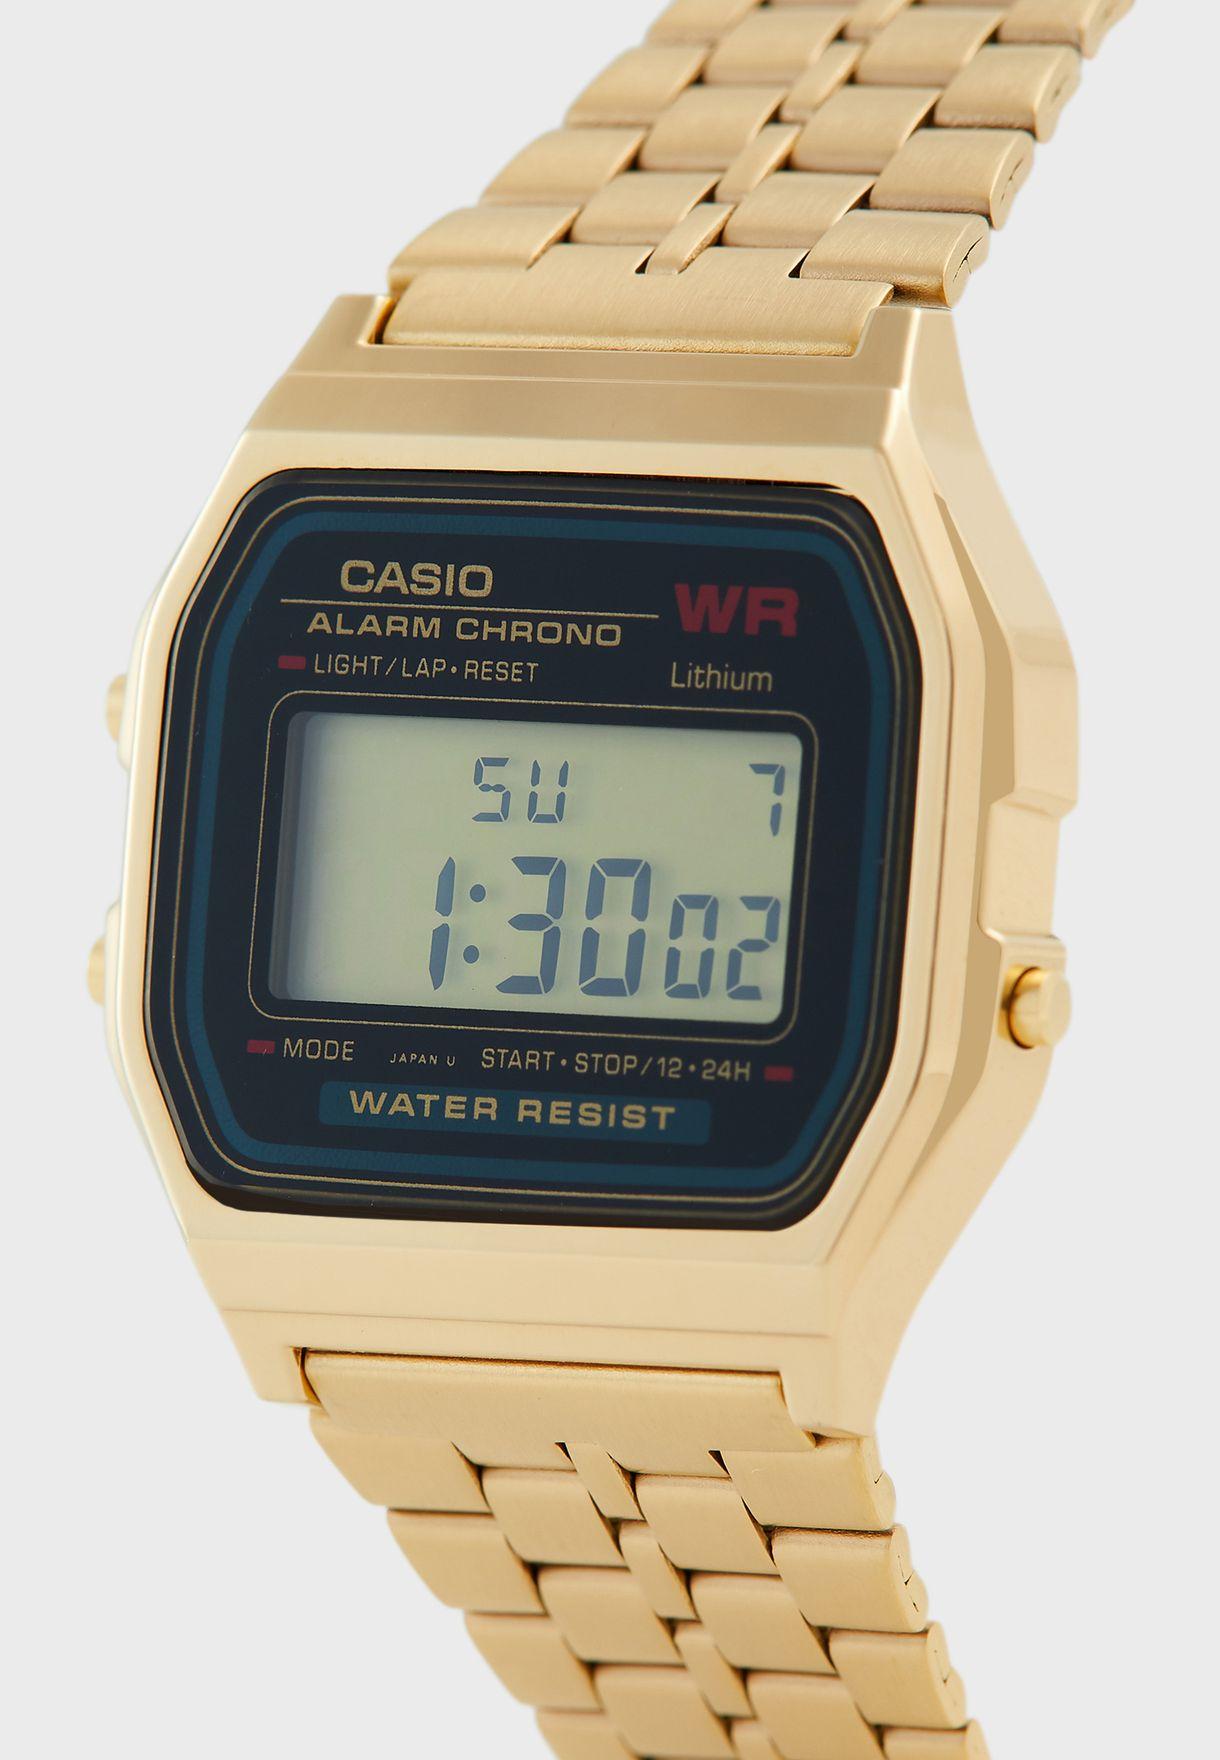 Retro Digital Watch